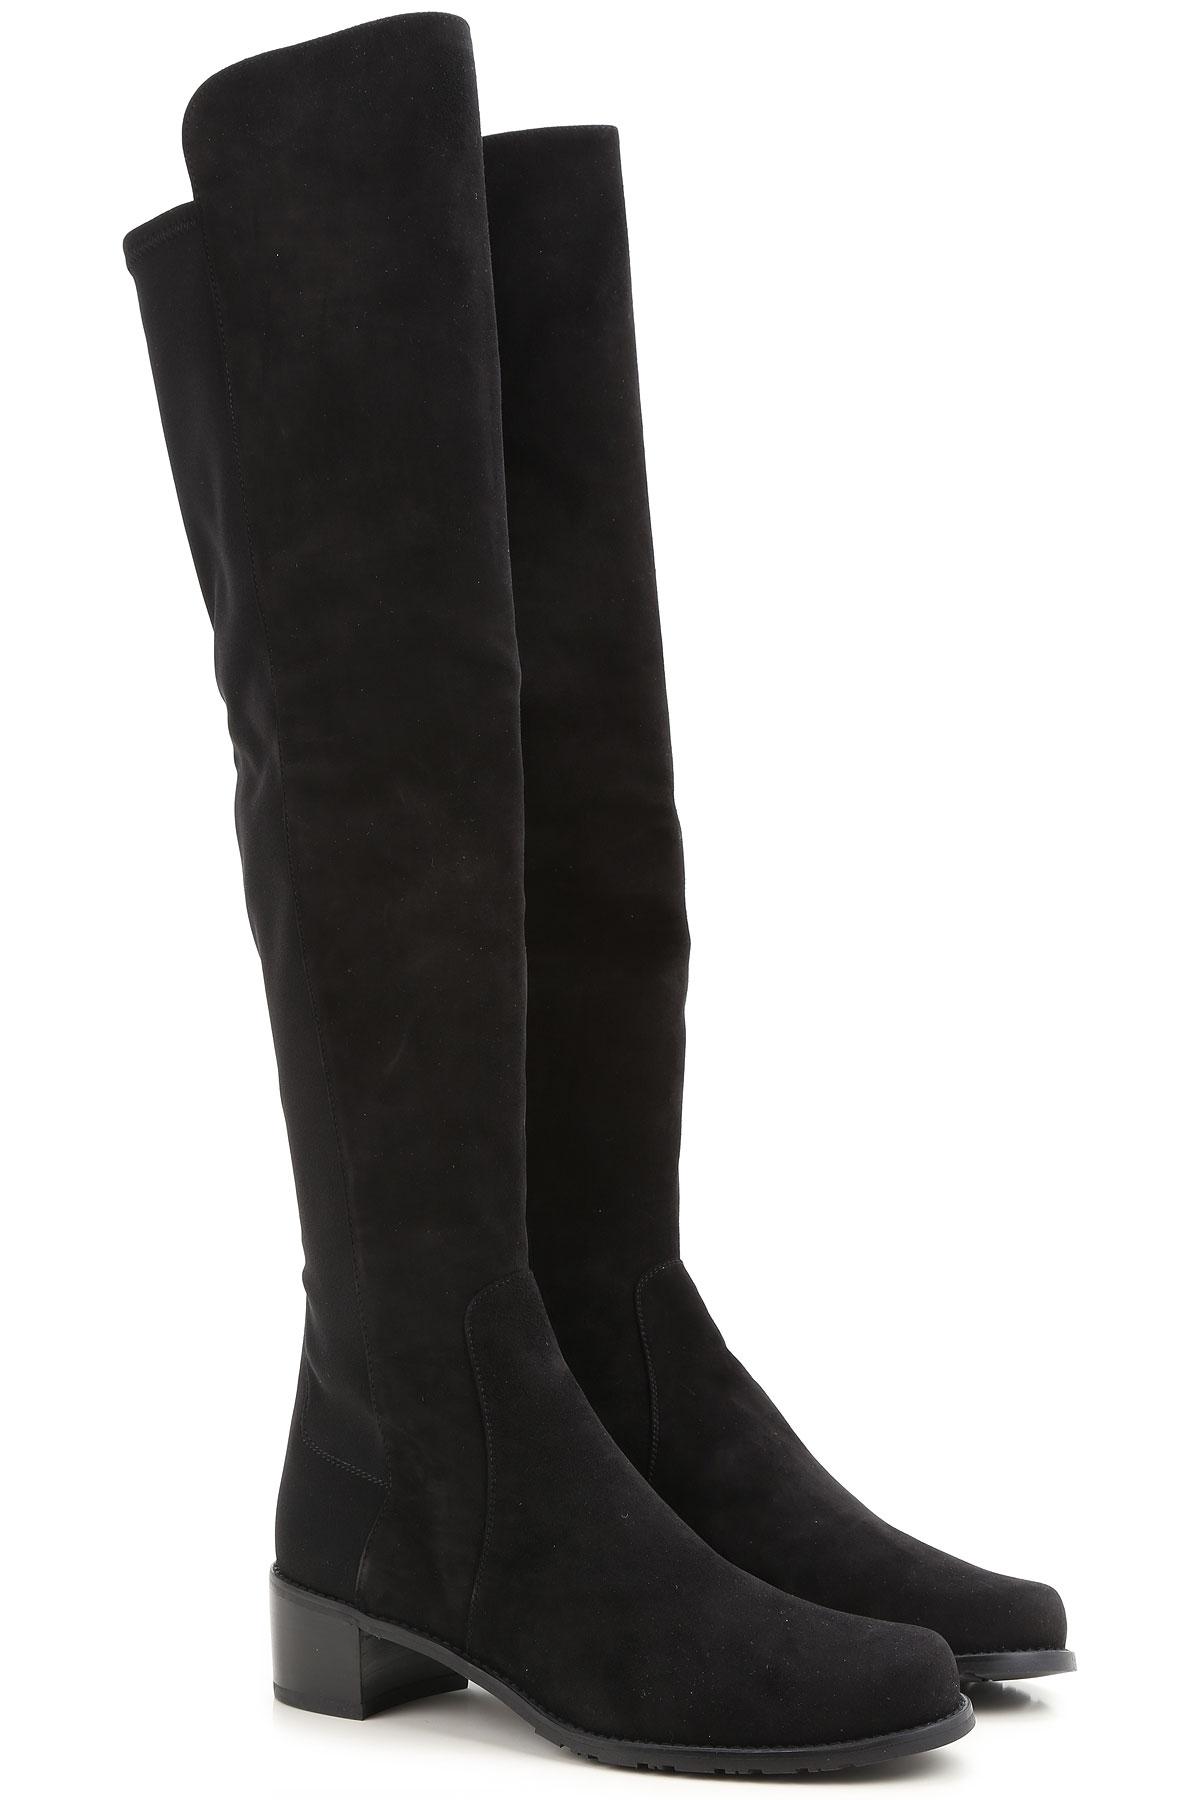 Stuart Weitzman Boots for Women, Booties On Sale, Black, suede, 2019, 6